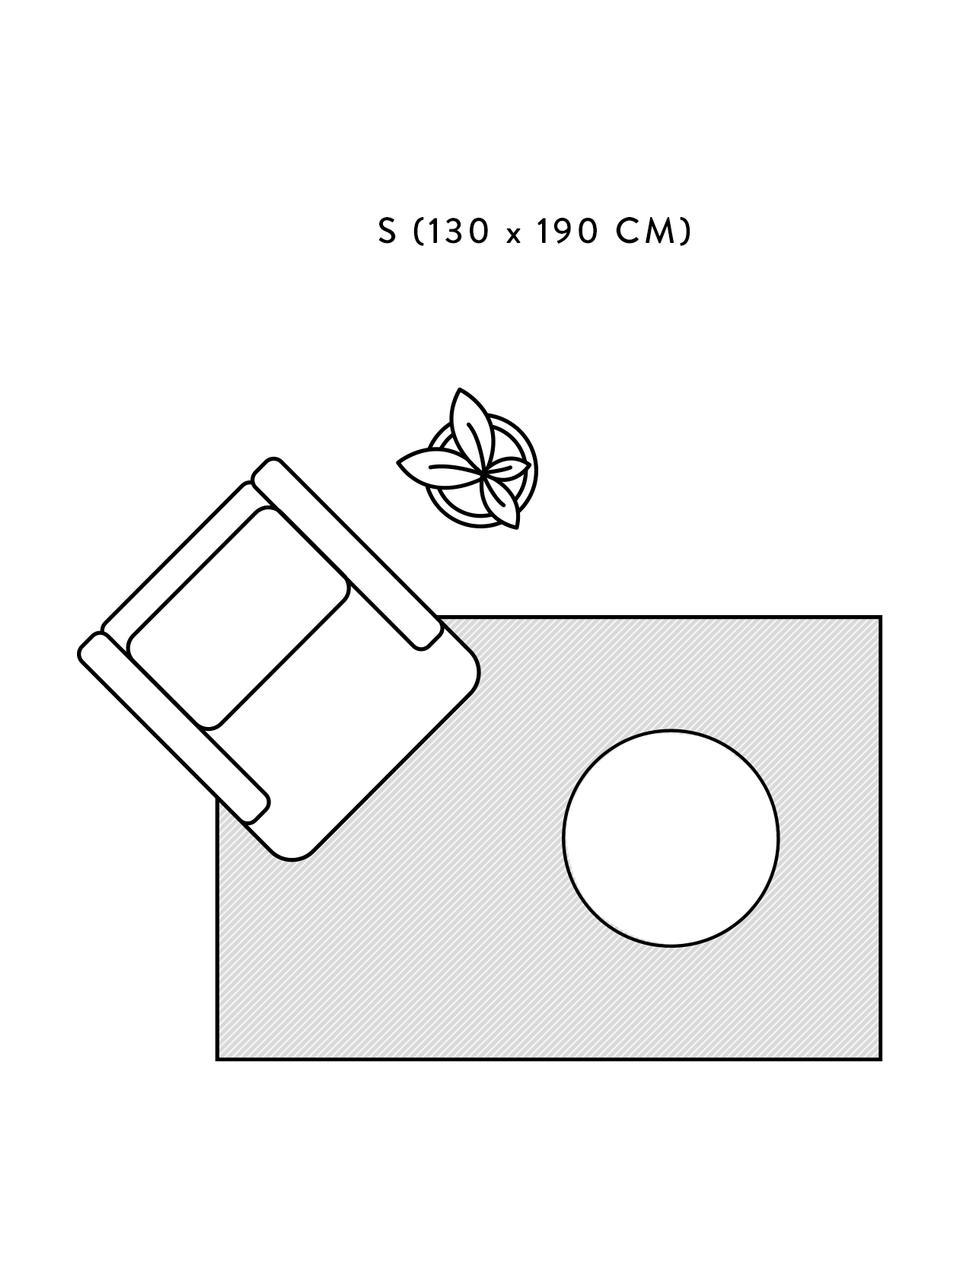 Schimmernder Teppich Cordoba in Grautönen mit Fransen, Vintage Style, Flor: 70% Acryl, 30% Viskose, Grautöne mit leichtem Lilastich, B 130 x L 190 cm (Größe S)